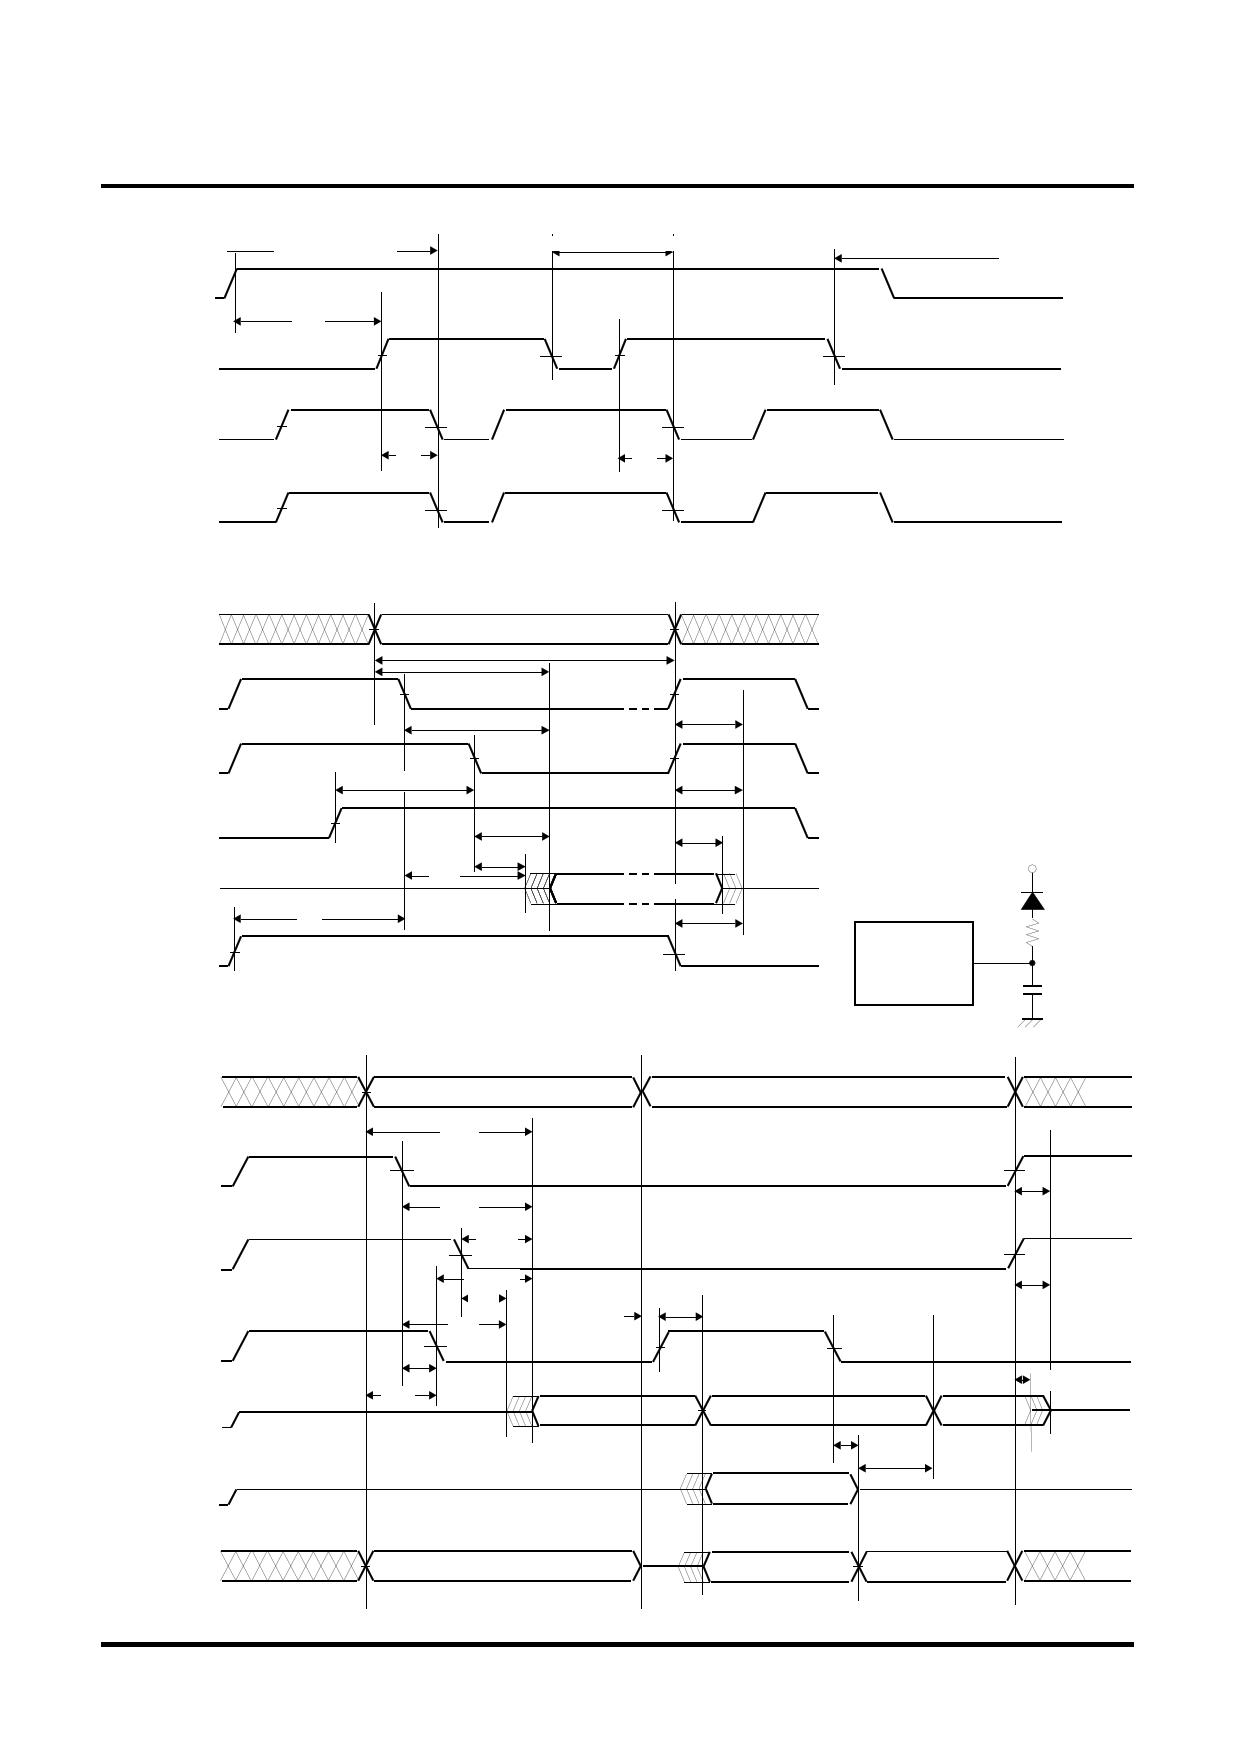 M5M29FB800VP-80 diode, scr